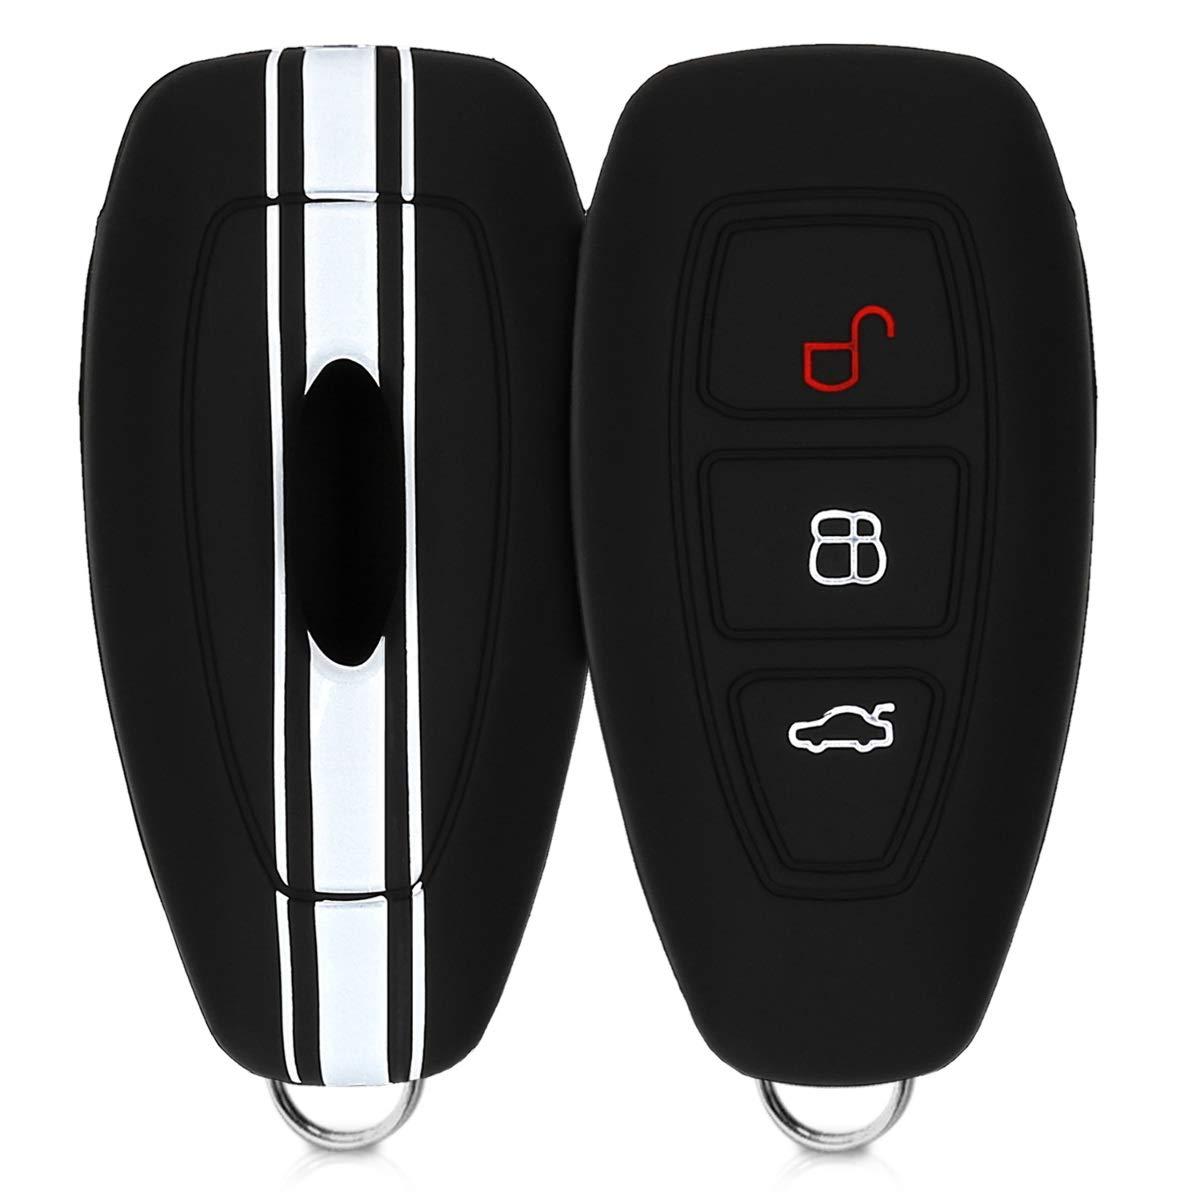 kwmobile Cover chiave auto per Ford - protezione in silicone - Guscio protettivo coprichiave - Custodia per chiave Ford con 3 tasti Keyless Go KW-Commerce 41621.02_m000690